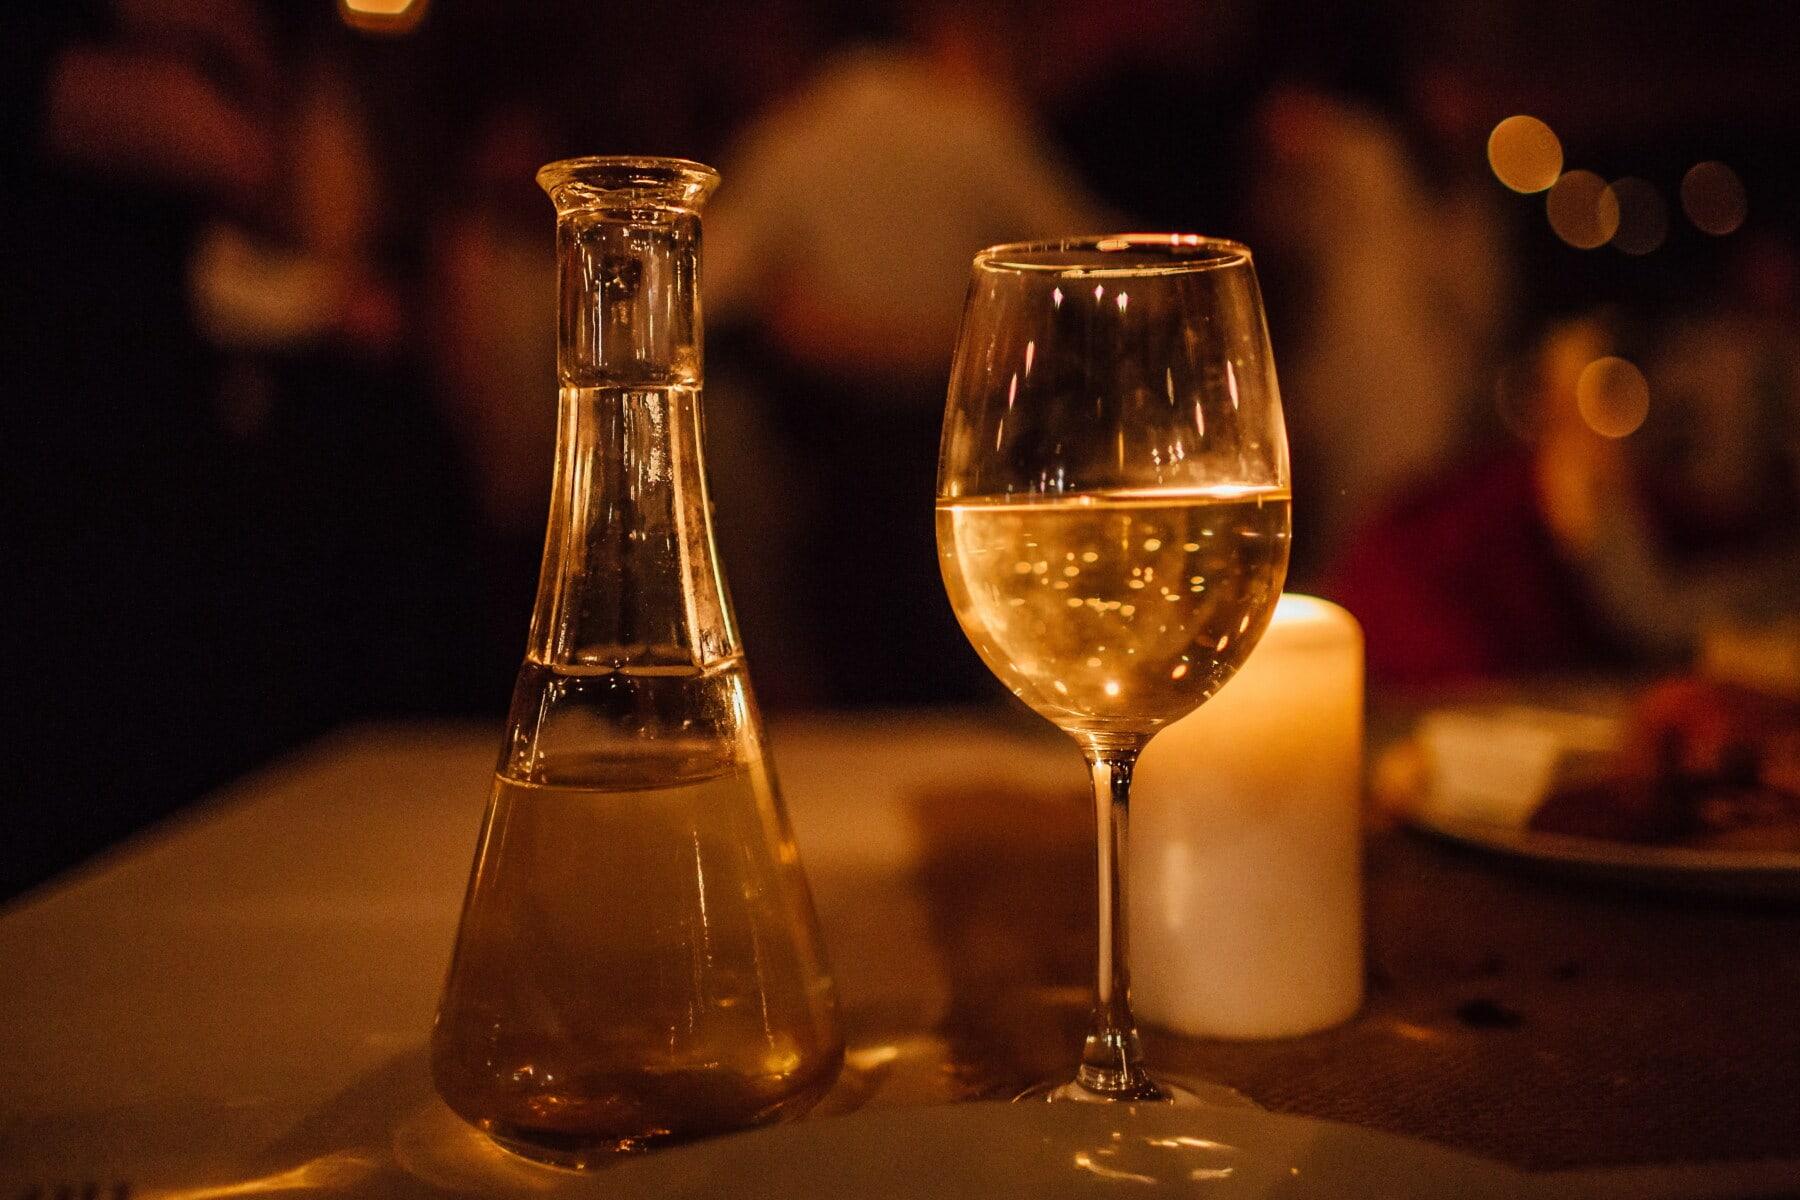 white wine, bottle, nightlife, vintage, alcohol, drink, candles, candlestick, wine, beverage